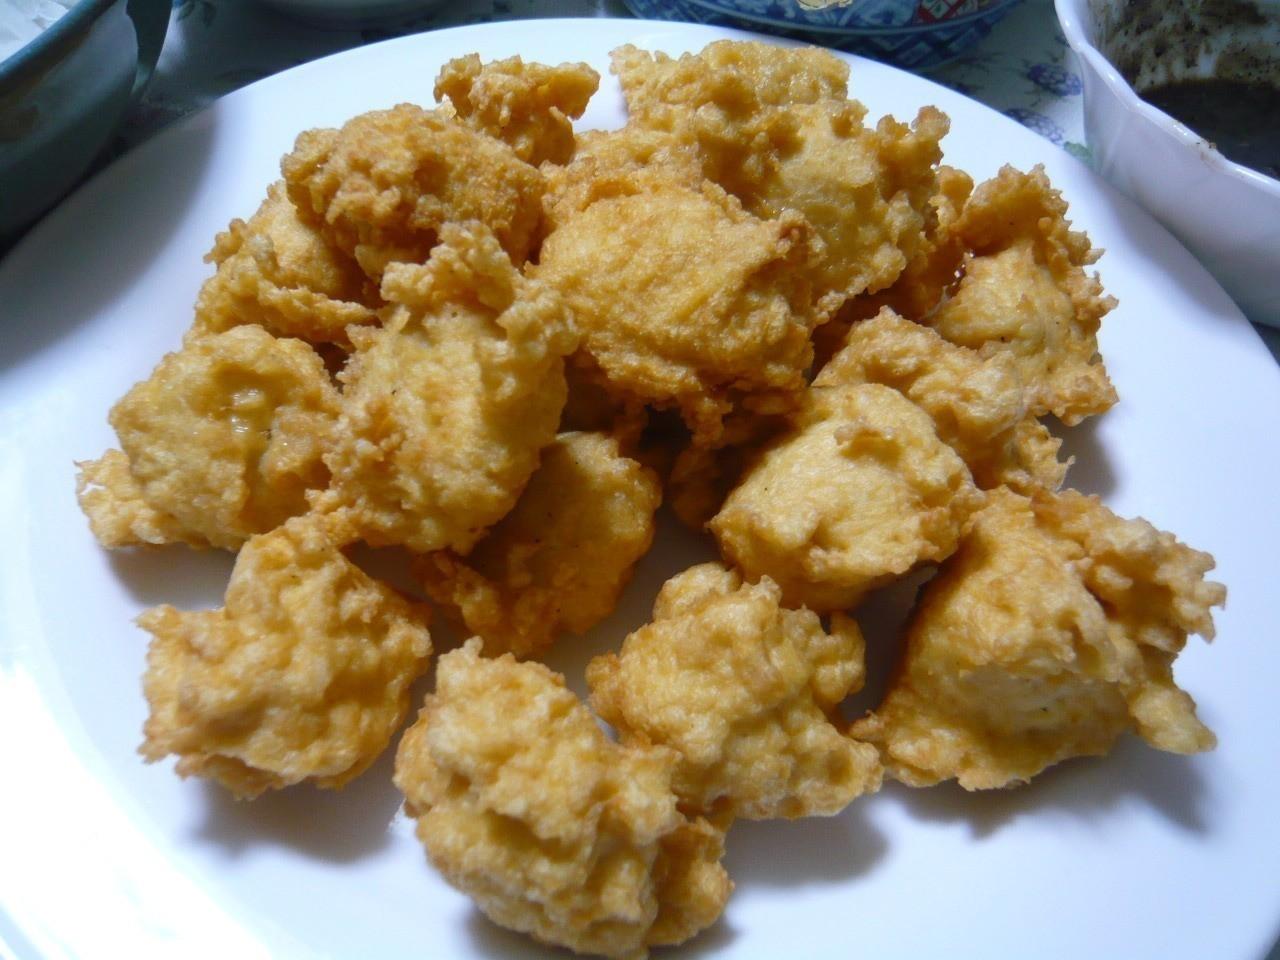 今日のメインディッシュはチキンナゲット!鶏ムネ肉をフードプロセッサーで挽いて作ります♪